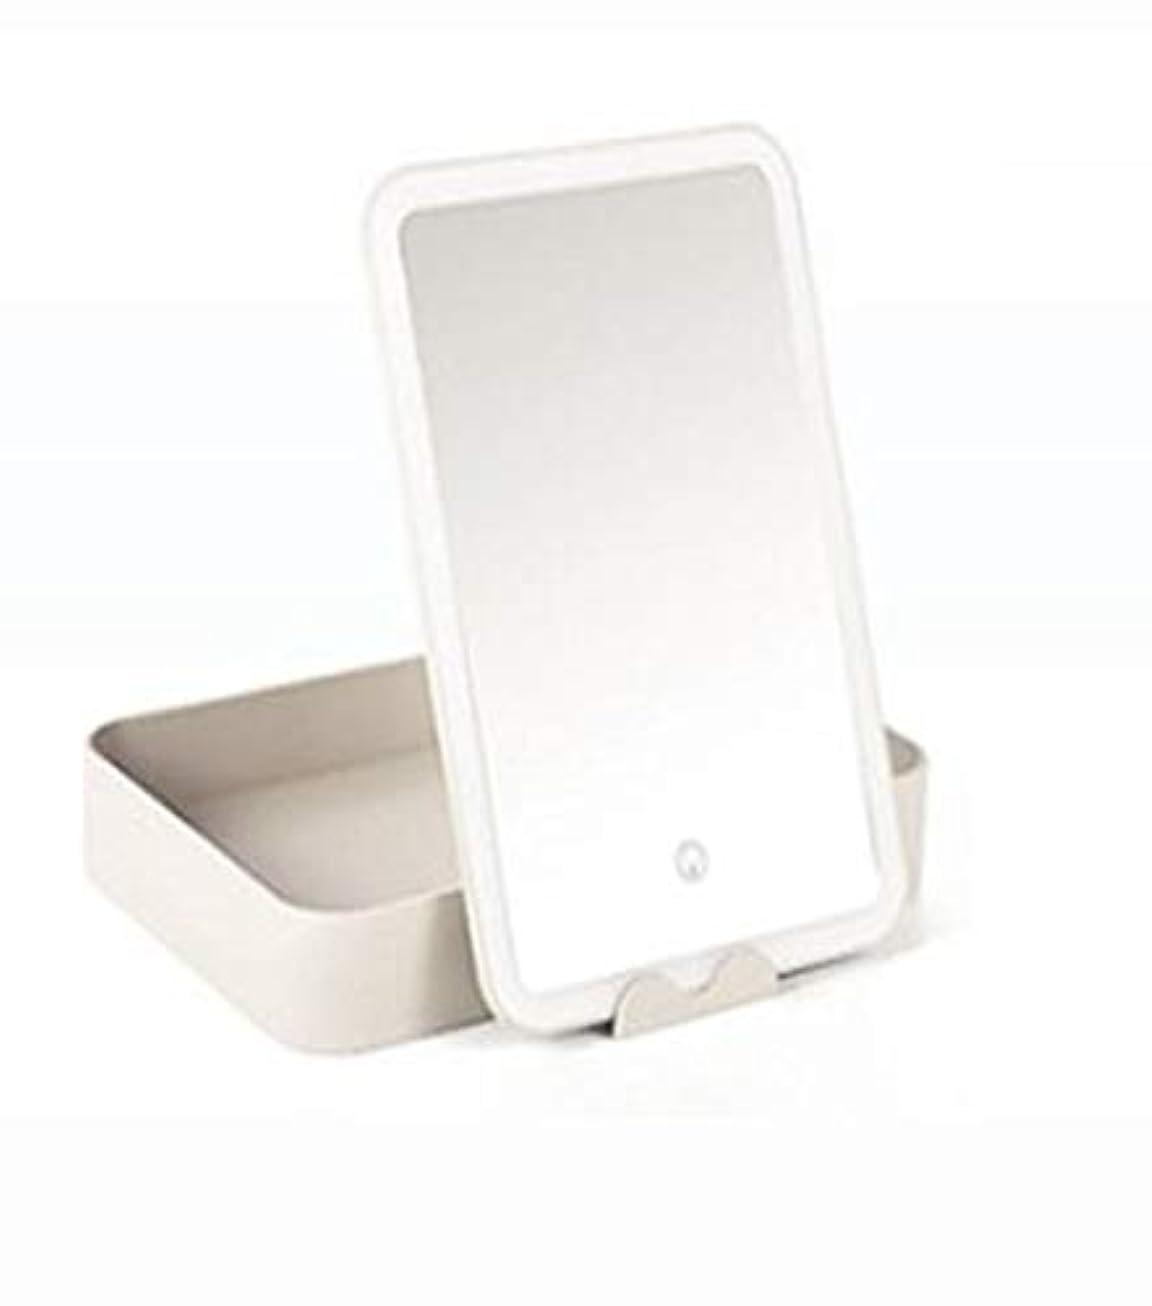 リスク食事を調理する不快な化粧鏡、大容量収納ボックス化粧ギフト付き白色LEDライト化粧鏡